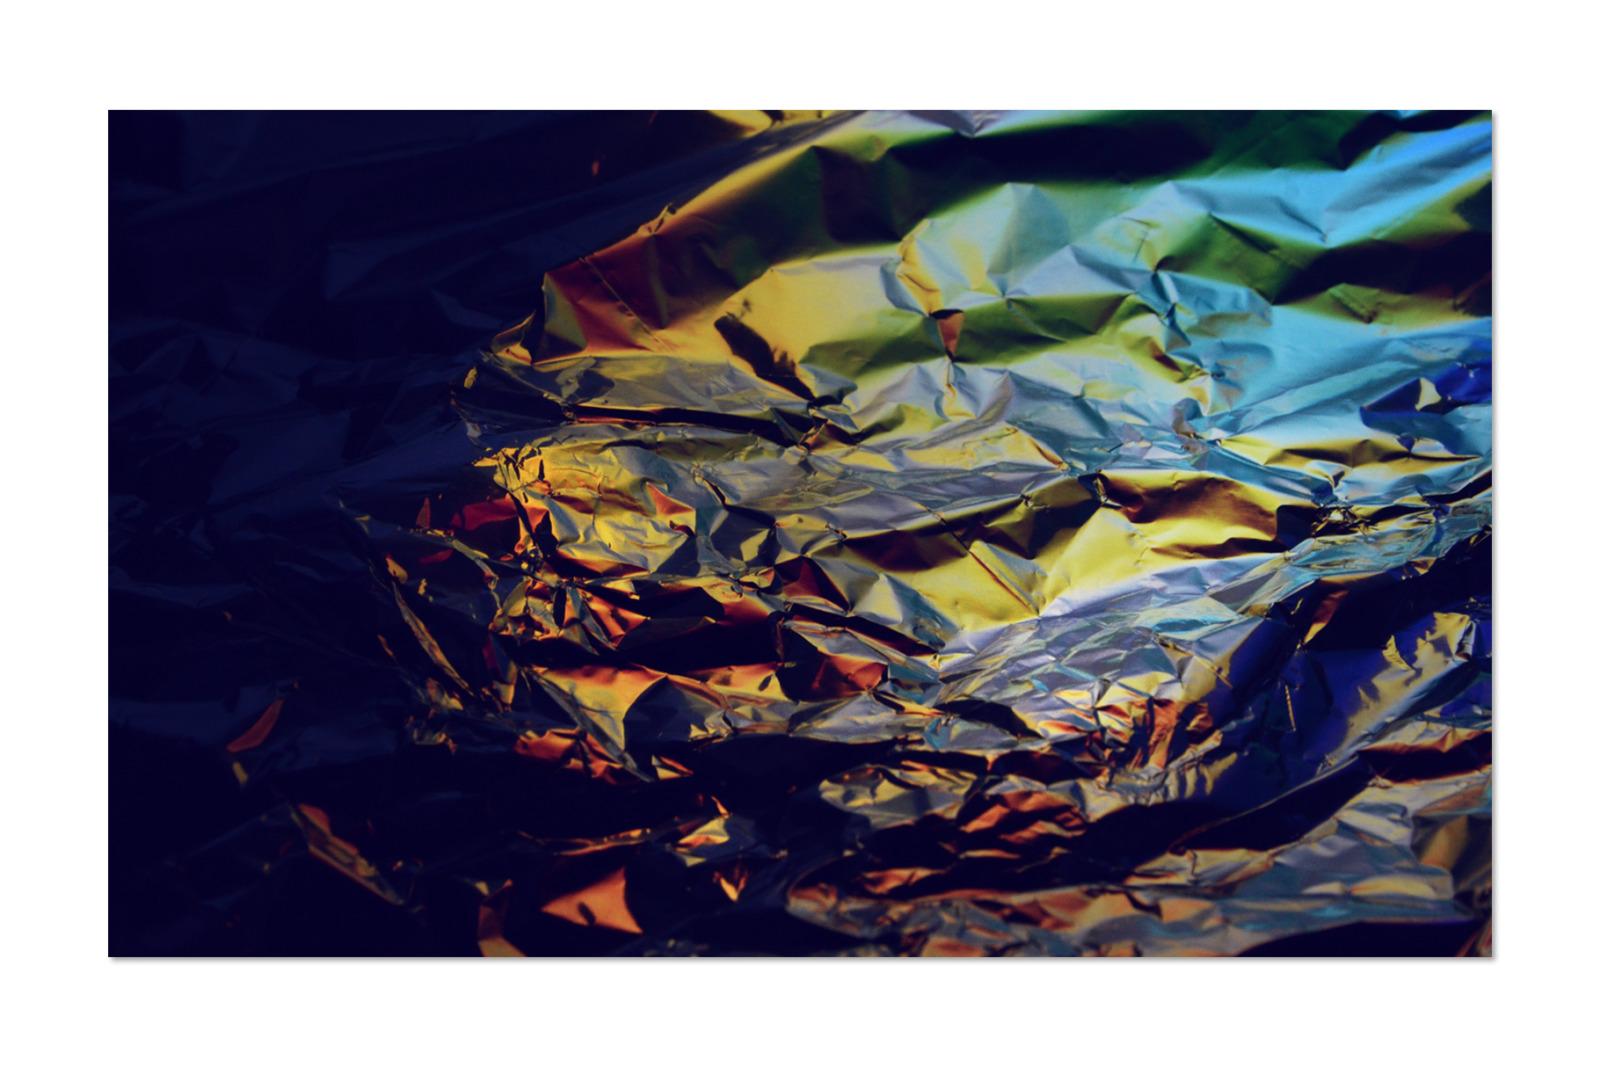 [淘宝购买] 80款潮流全息渐变虹彩金属箔纸纹理海报设计背景图片素材 Crumbled – 80 Foil Textures插图19